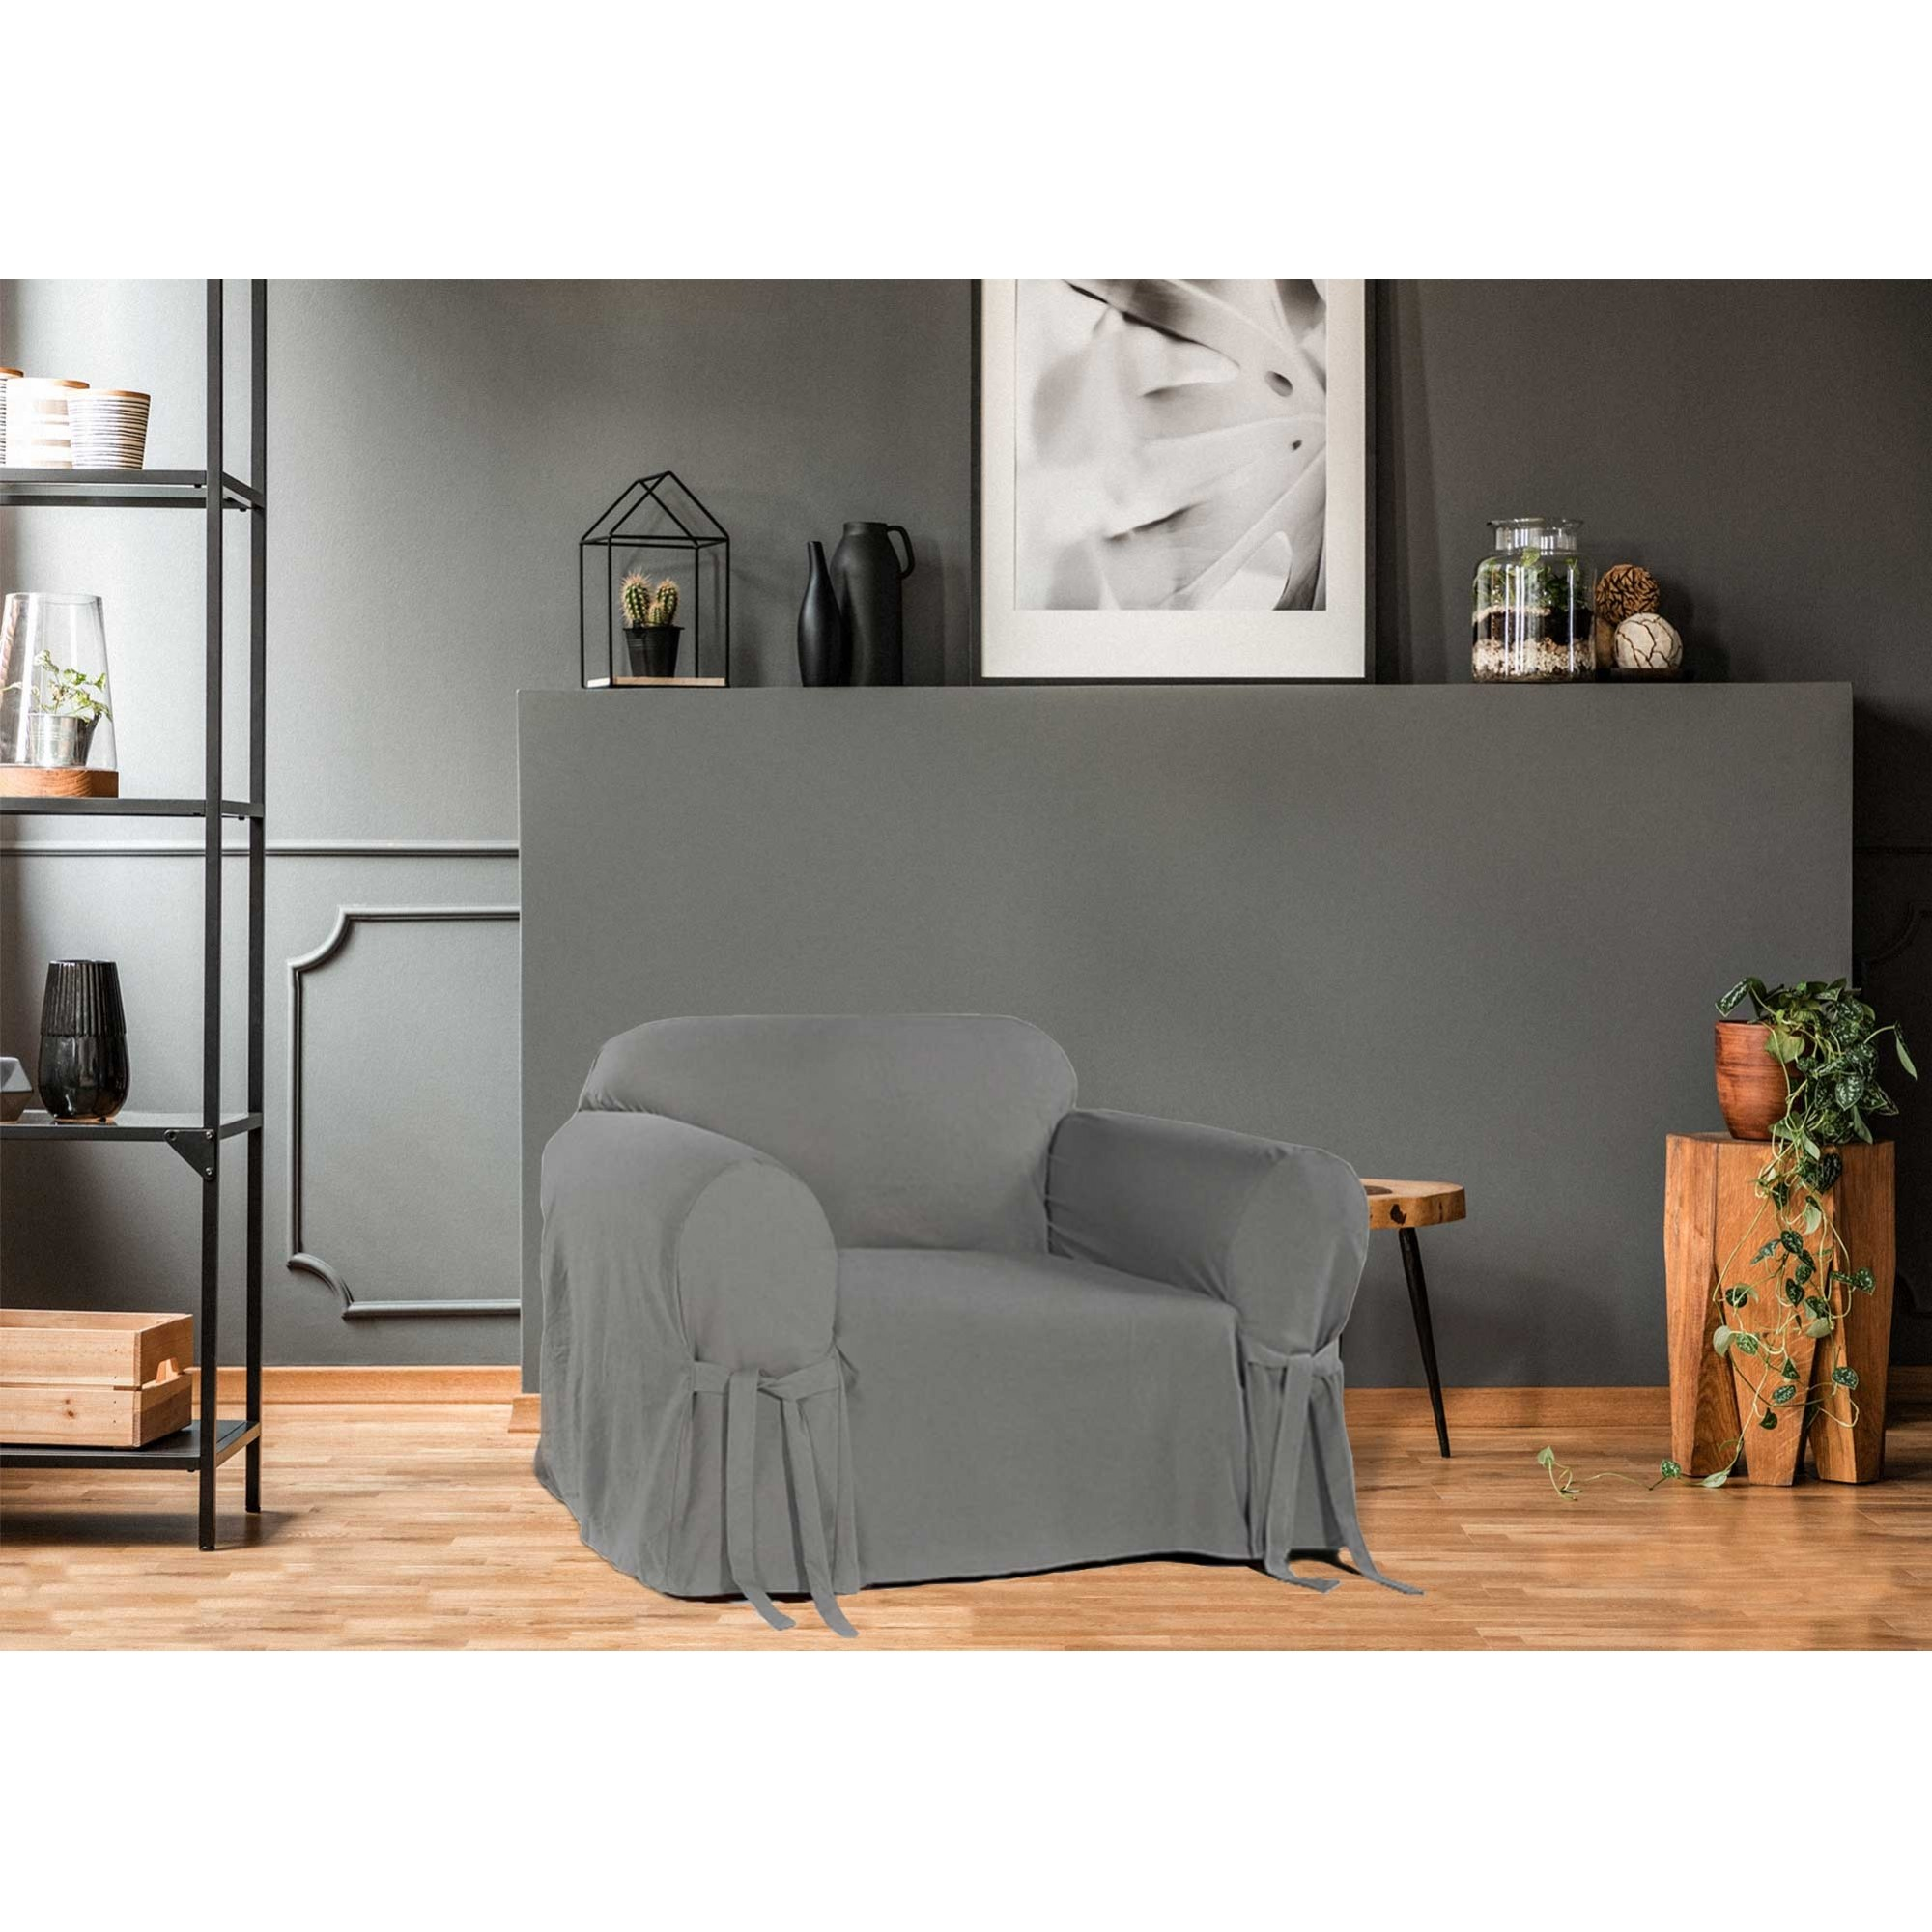 Capa p/ Sofá de 1 Lug GRAFITE em Brim